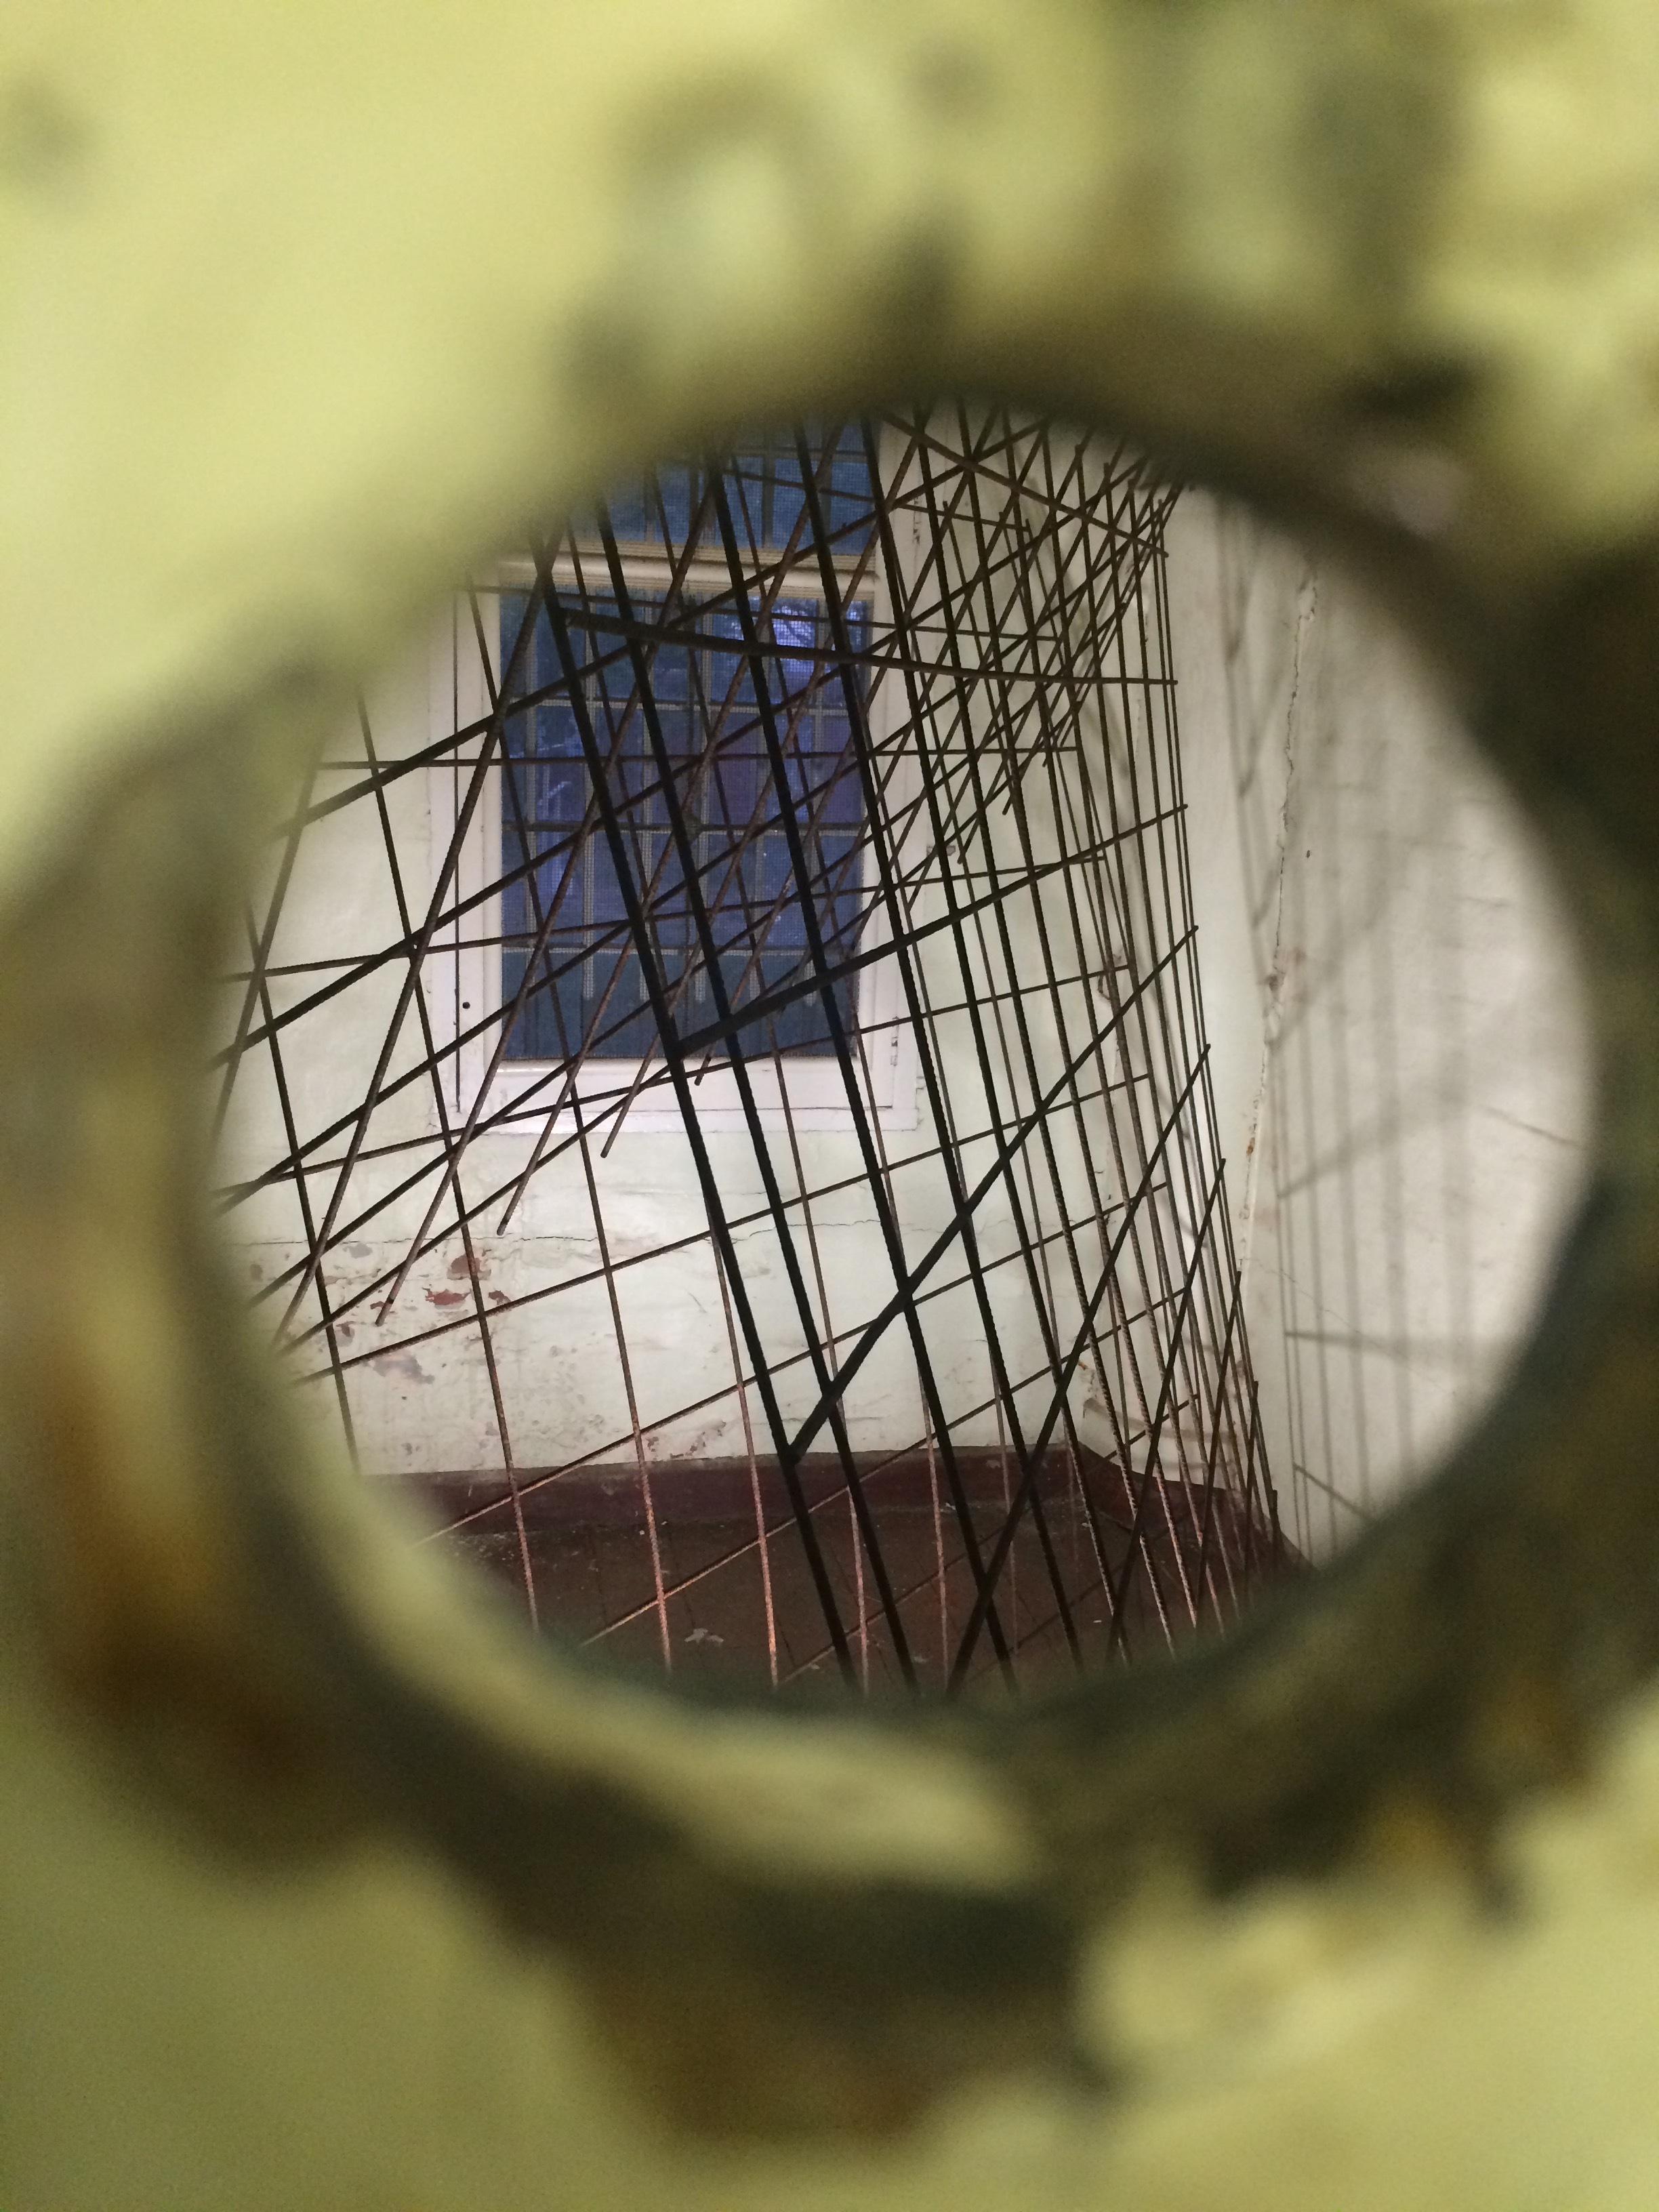 Jane Skeer   Trapped   2015  weldmesh through peephole